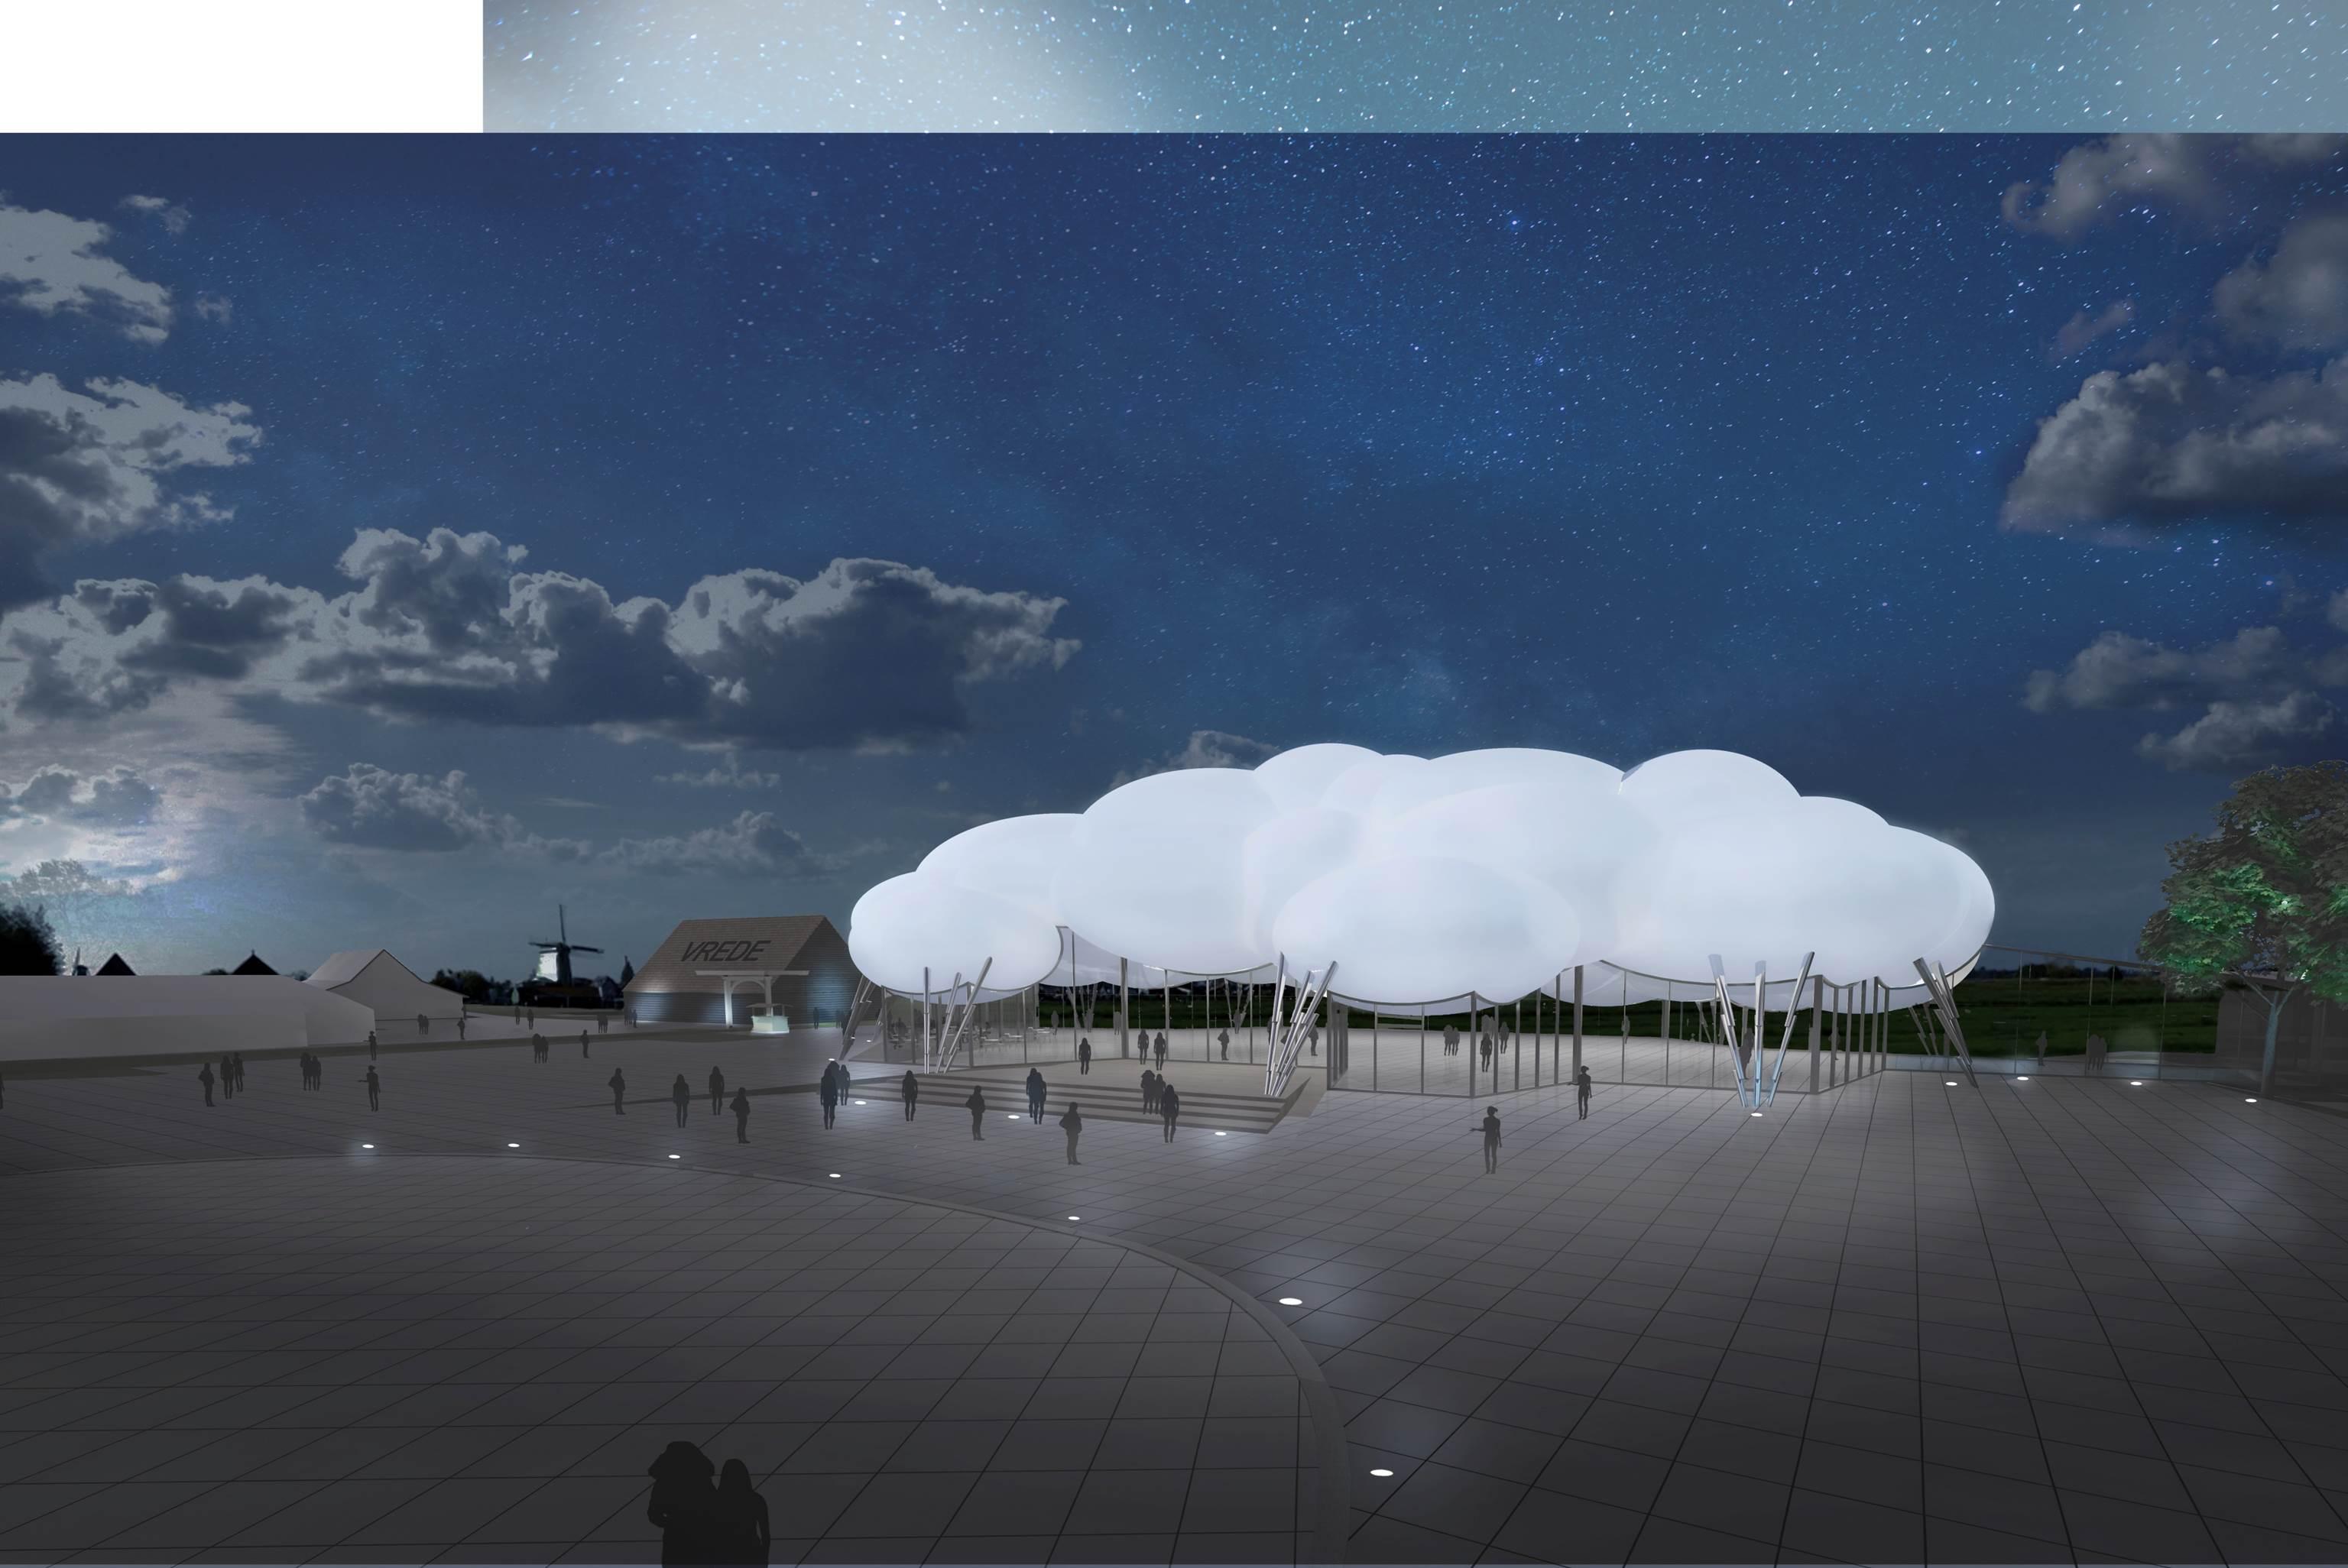 centraal-entreegebouw-voor-zaanse-schans-by-night-architect-wilfried-van-winden-wam-wow-design-group